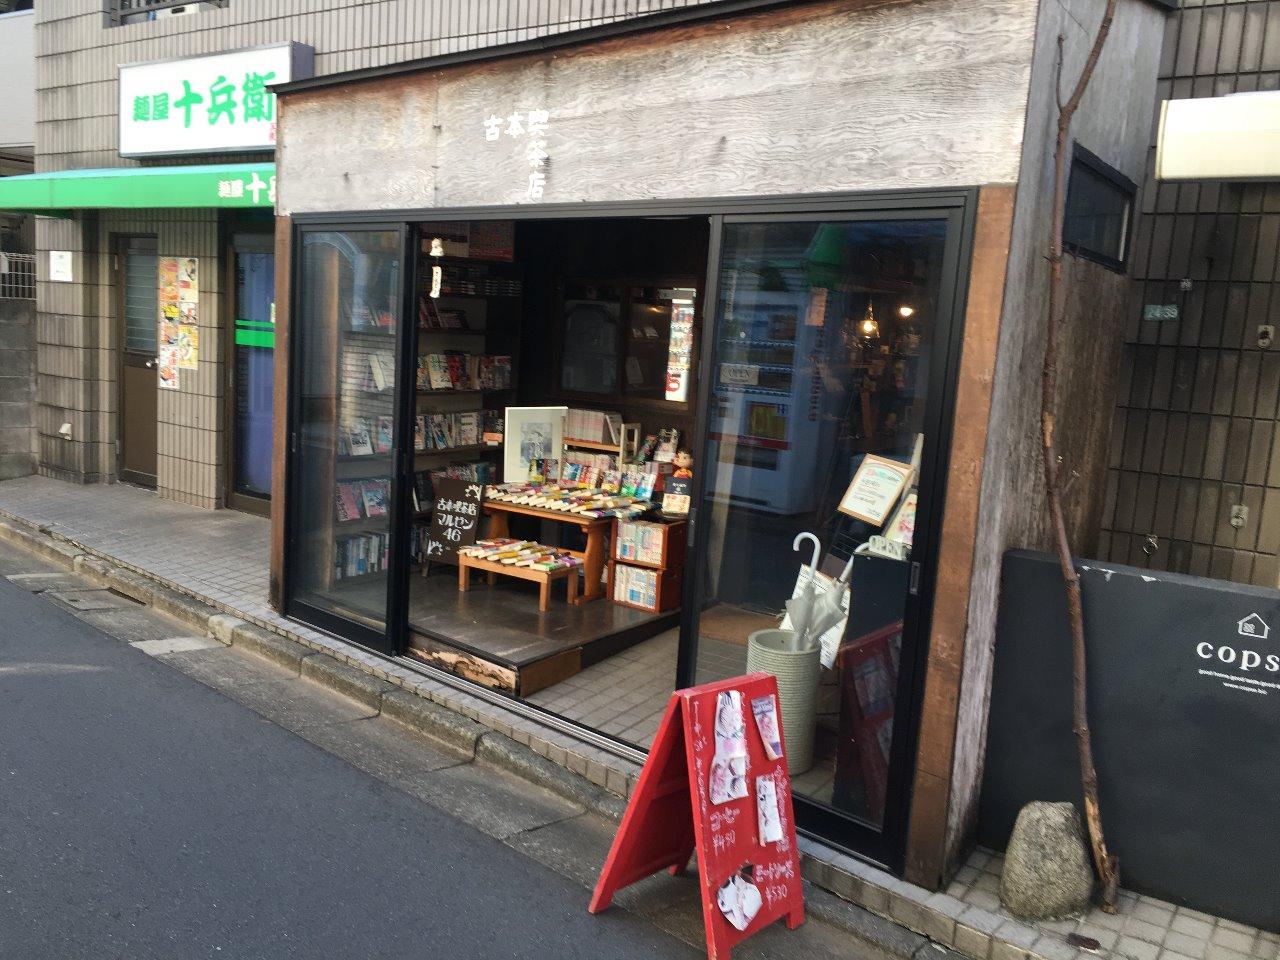 【大泉学園】古本喫茶マルゼン46さんへお邪魔しました!